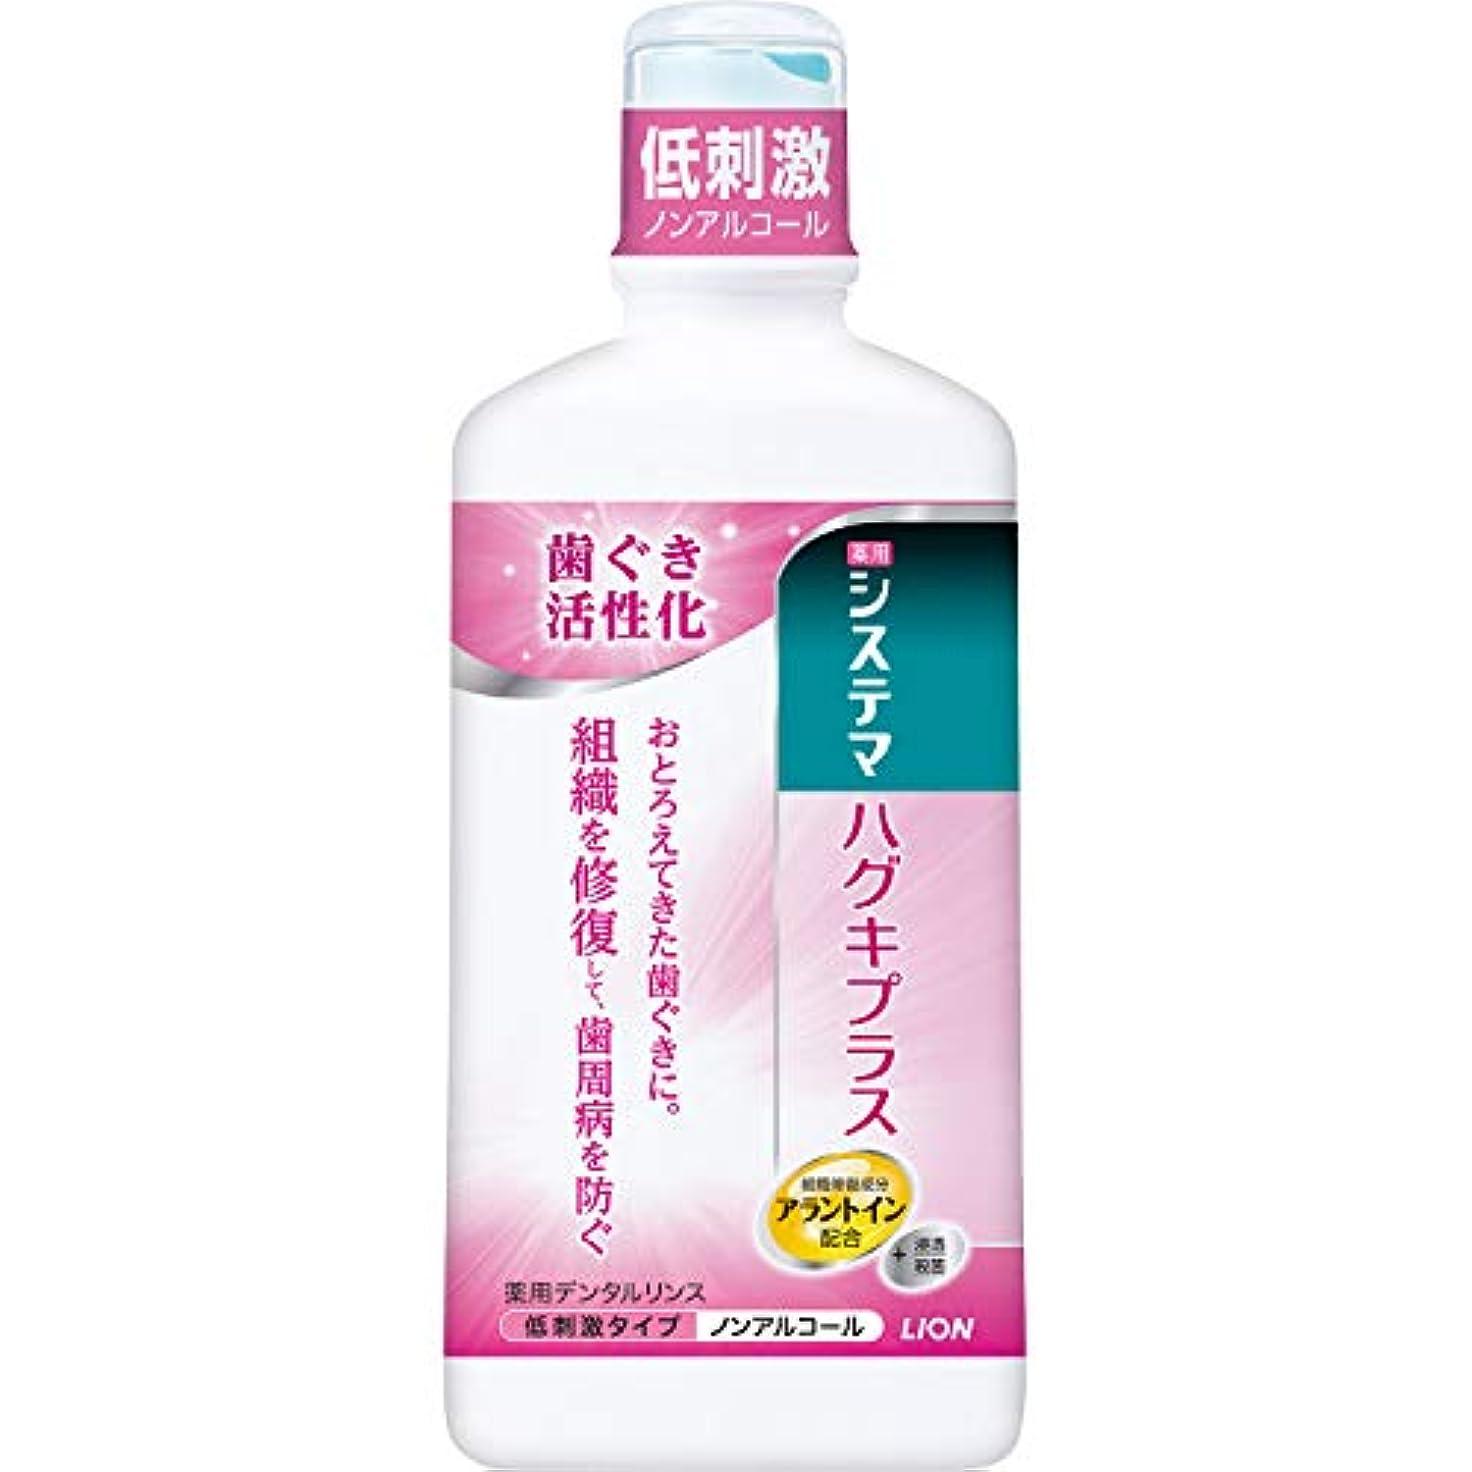 一掃するマーチャンダイザーセレナシステマ ハグキプラス デンタルリンス 450ml 液体歯磨 (医薬部外品)